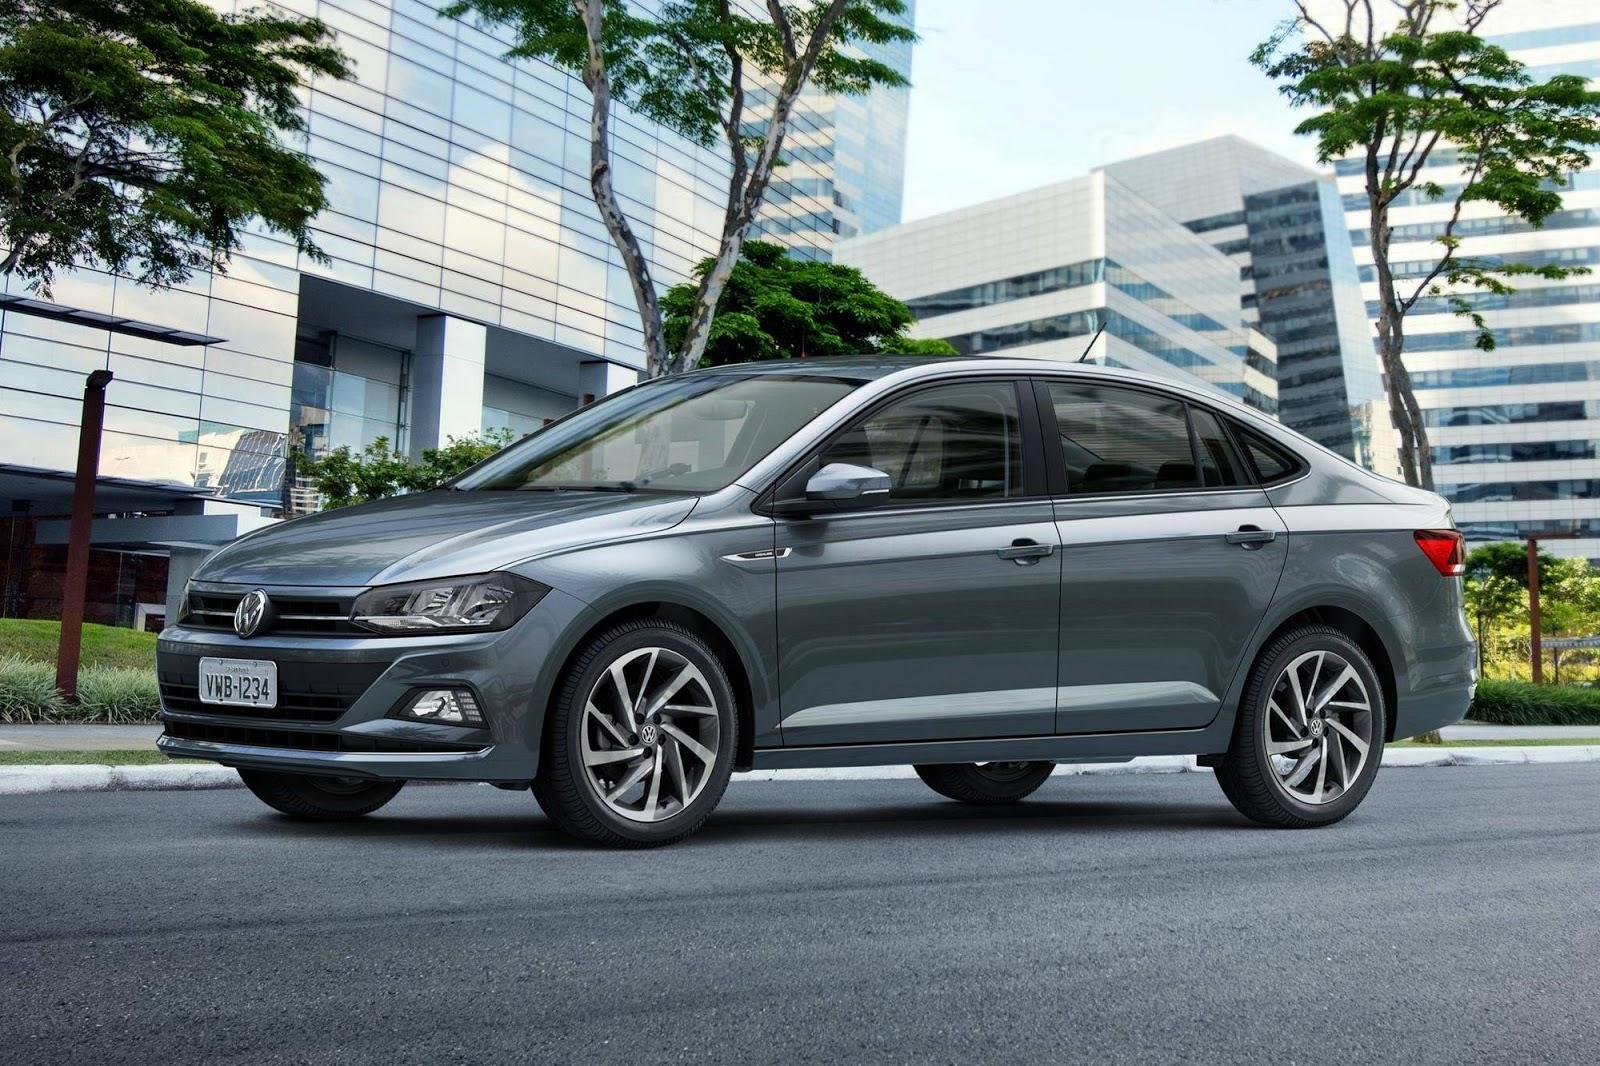 2018 VW Virtus (Polo based sedan) three quarters